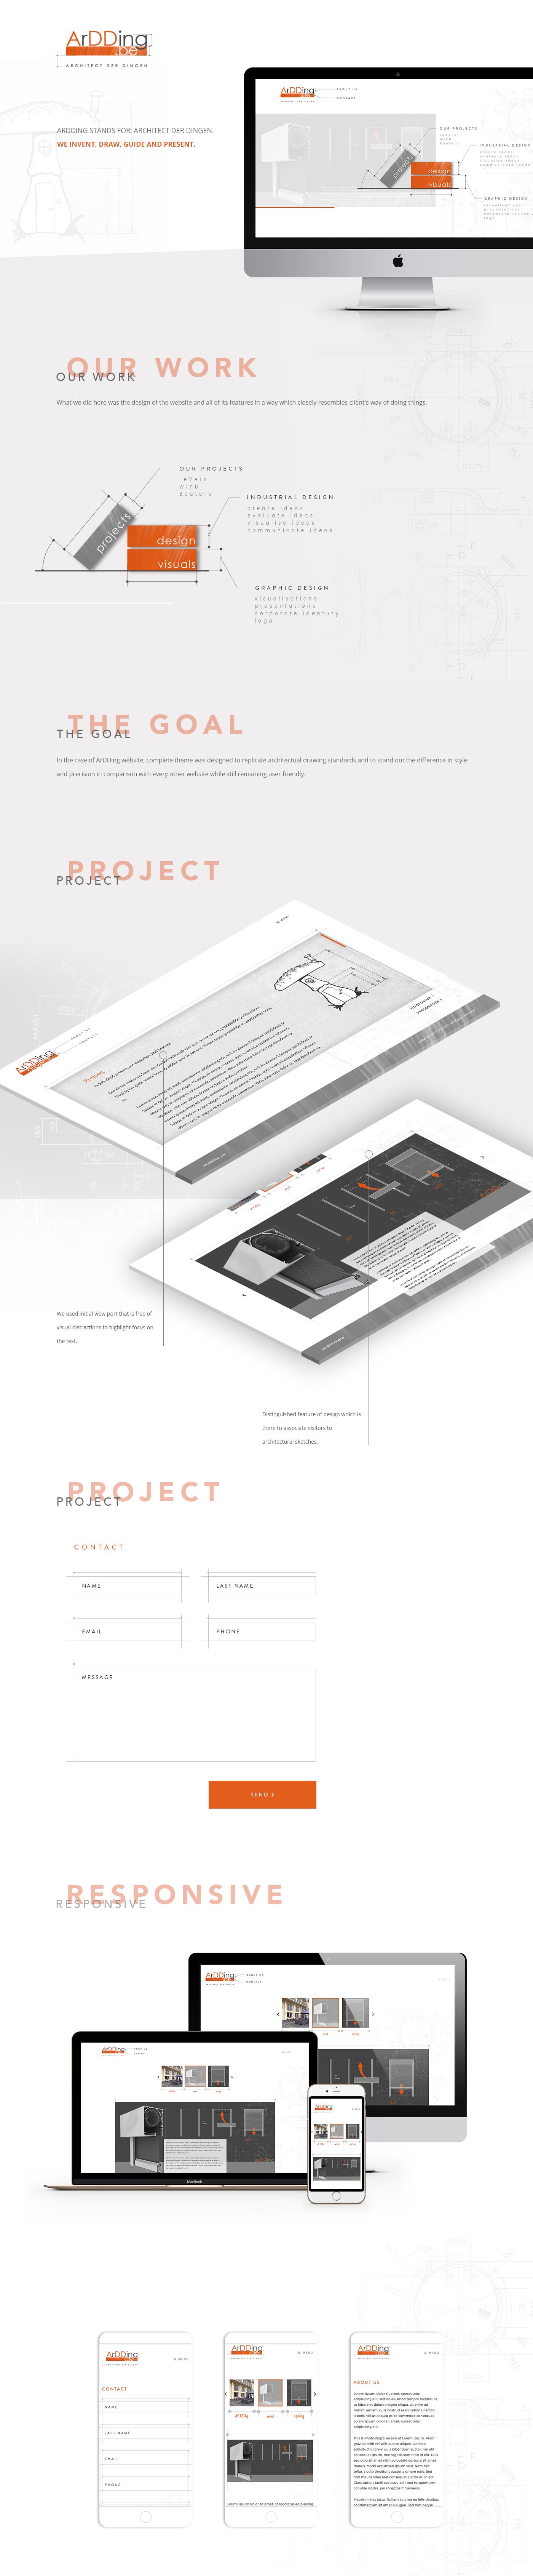 ux web development  architecture Web Design  design